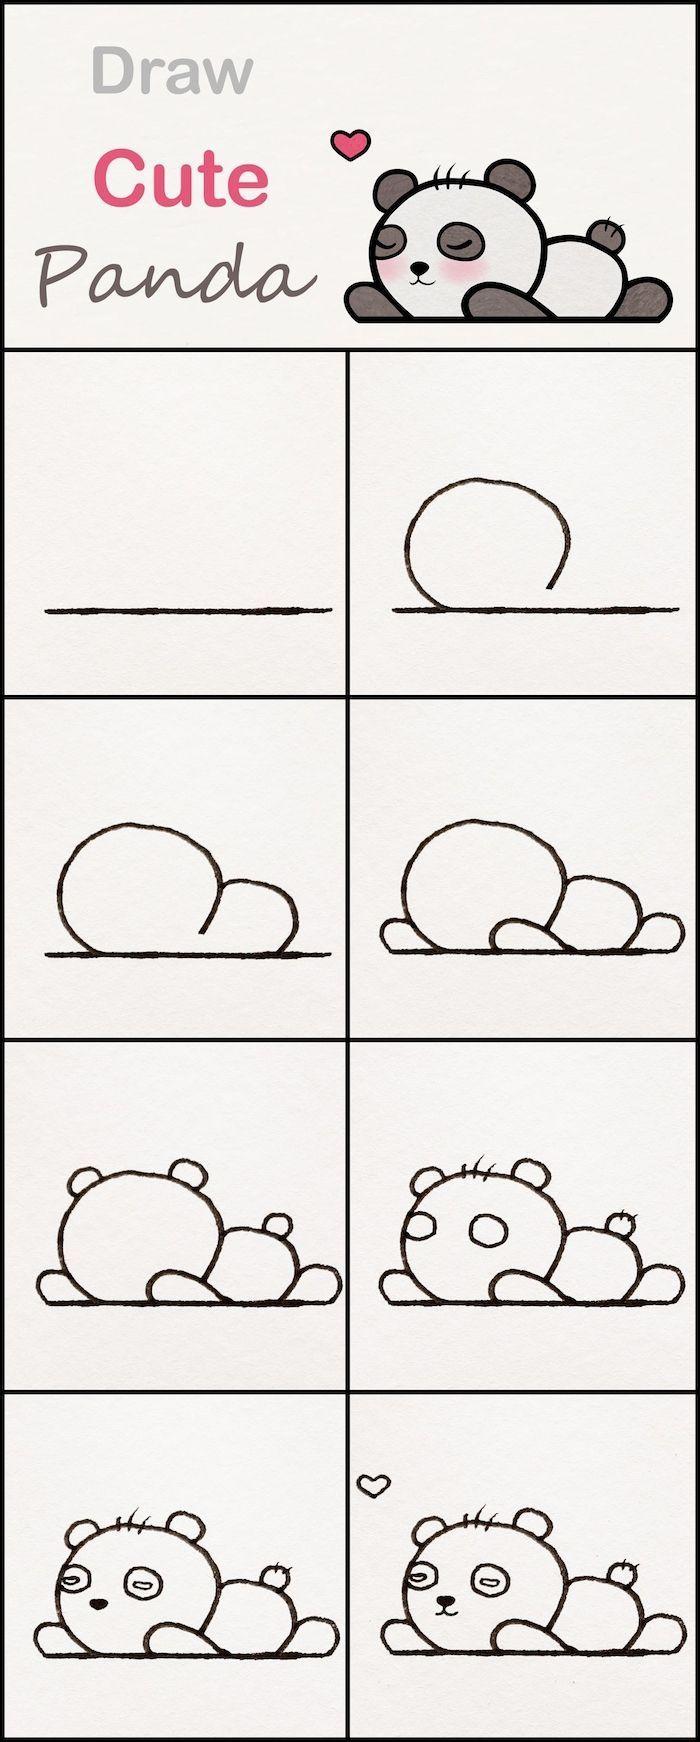 Comemnt Dessiner Une Panda Kawaii Exemple De Dessin Mignon A Faire Soi Meme Etape Par Etap Drawing Books For Kids Drawing Tutorial Easy Easy Drawings For Kids